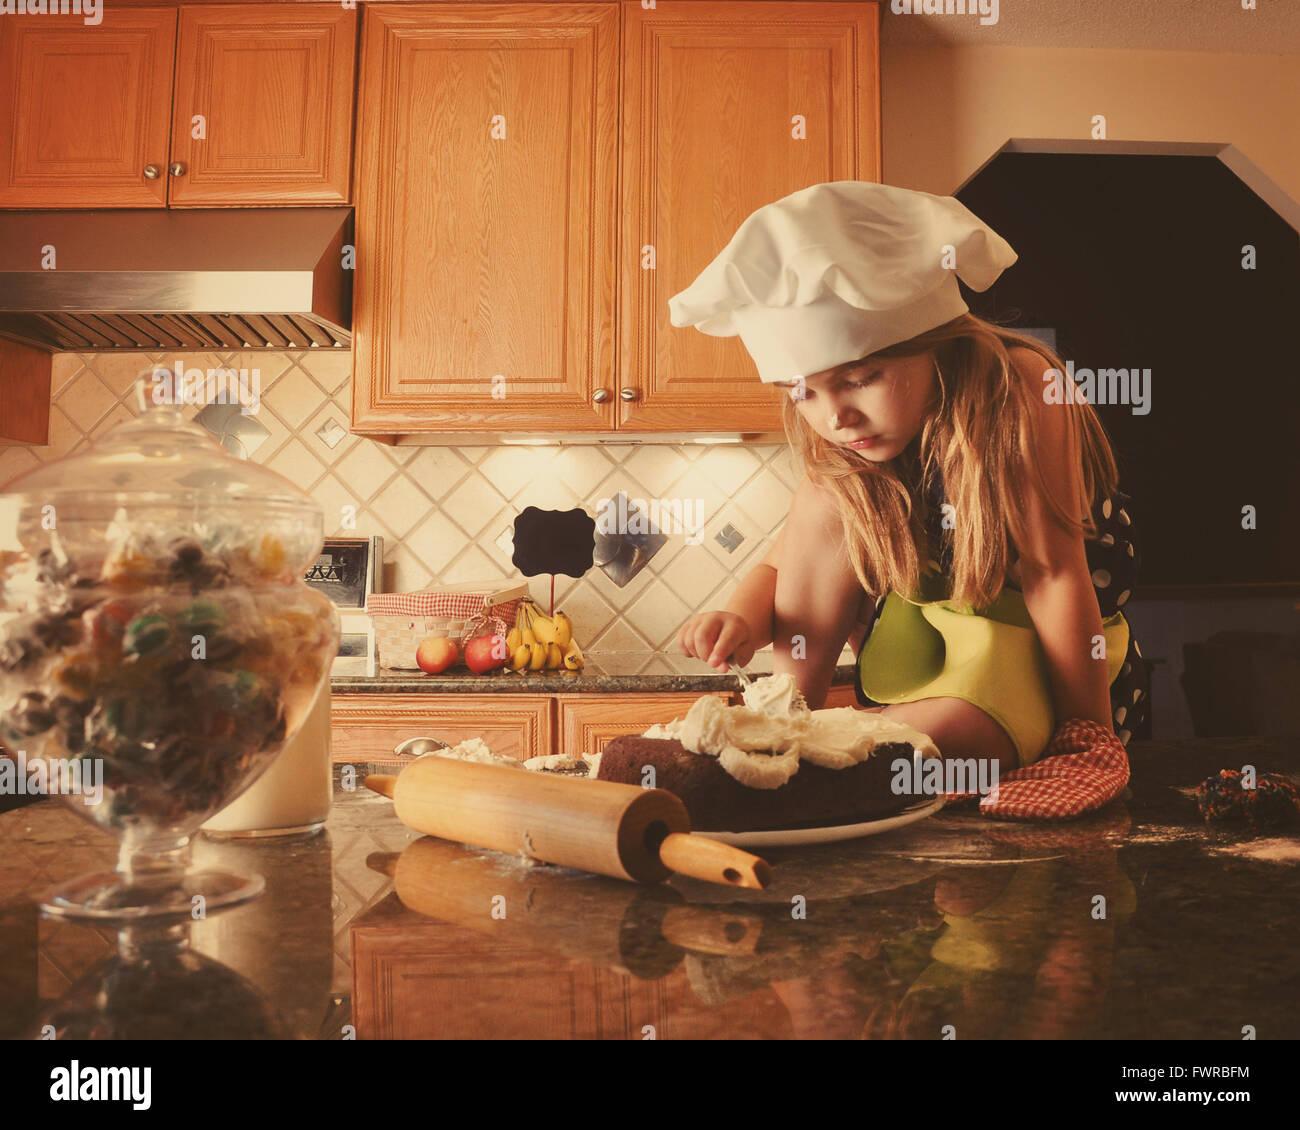 Un petit enfant est le glaçage d'un gâteau dans la cuisine pour une boulangerie, l'alimentation ou food concept. Banque D'Images